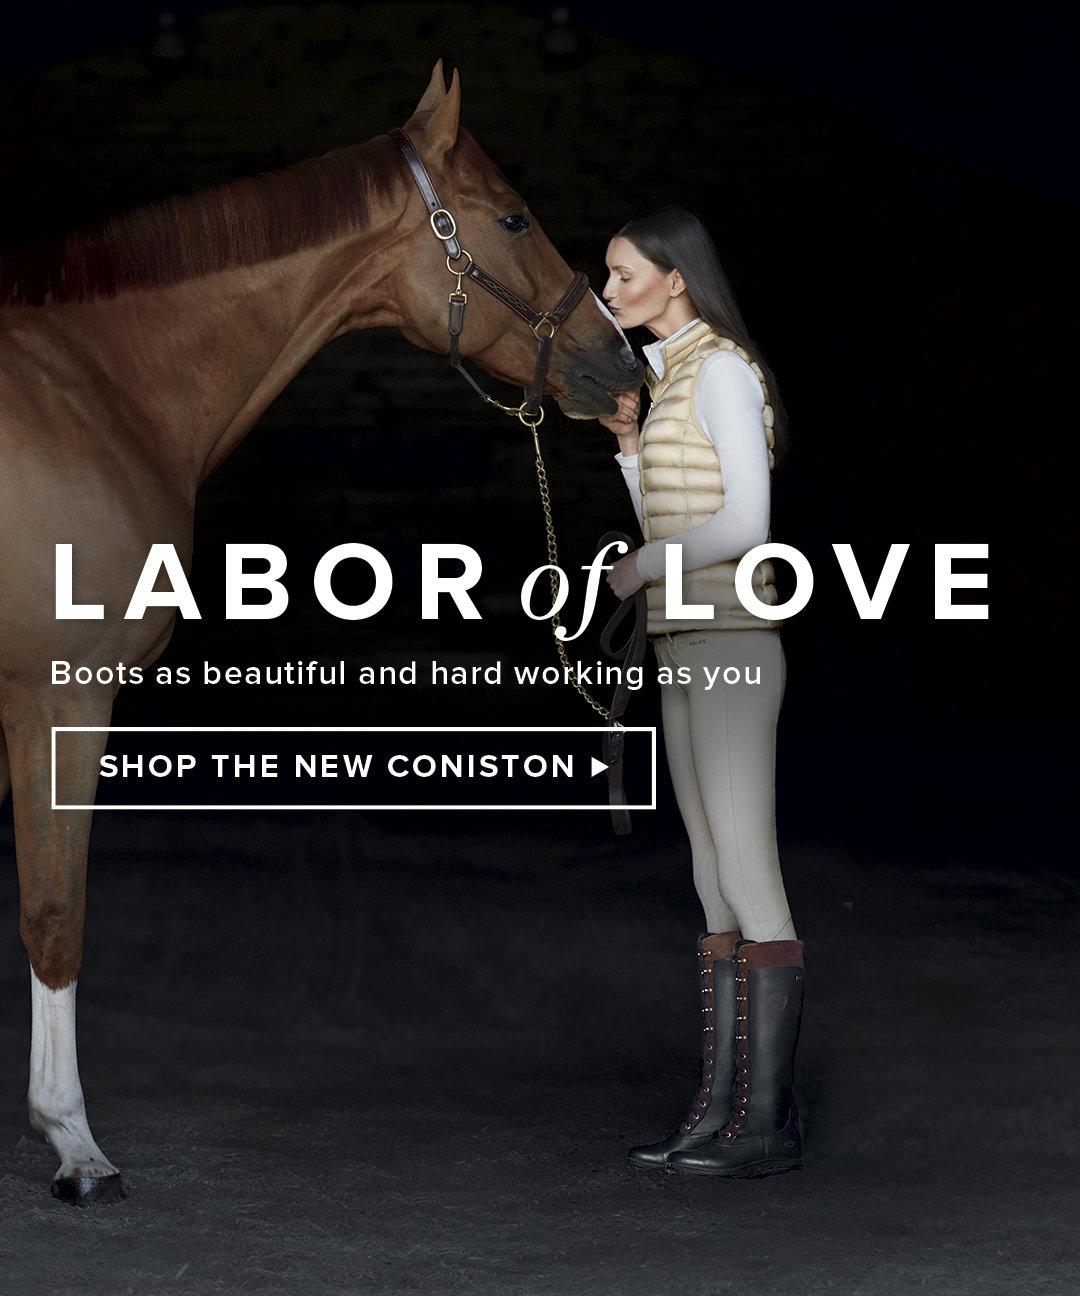 Labor of Love - Shop the New Coniston